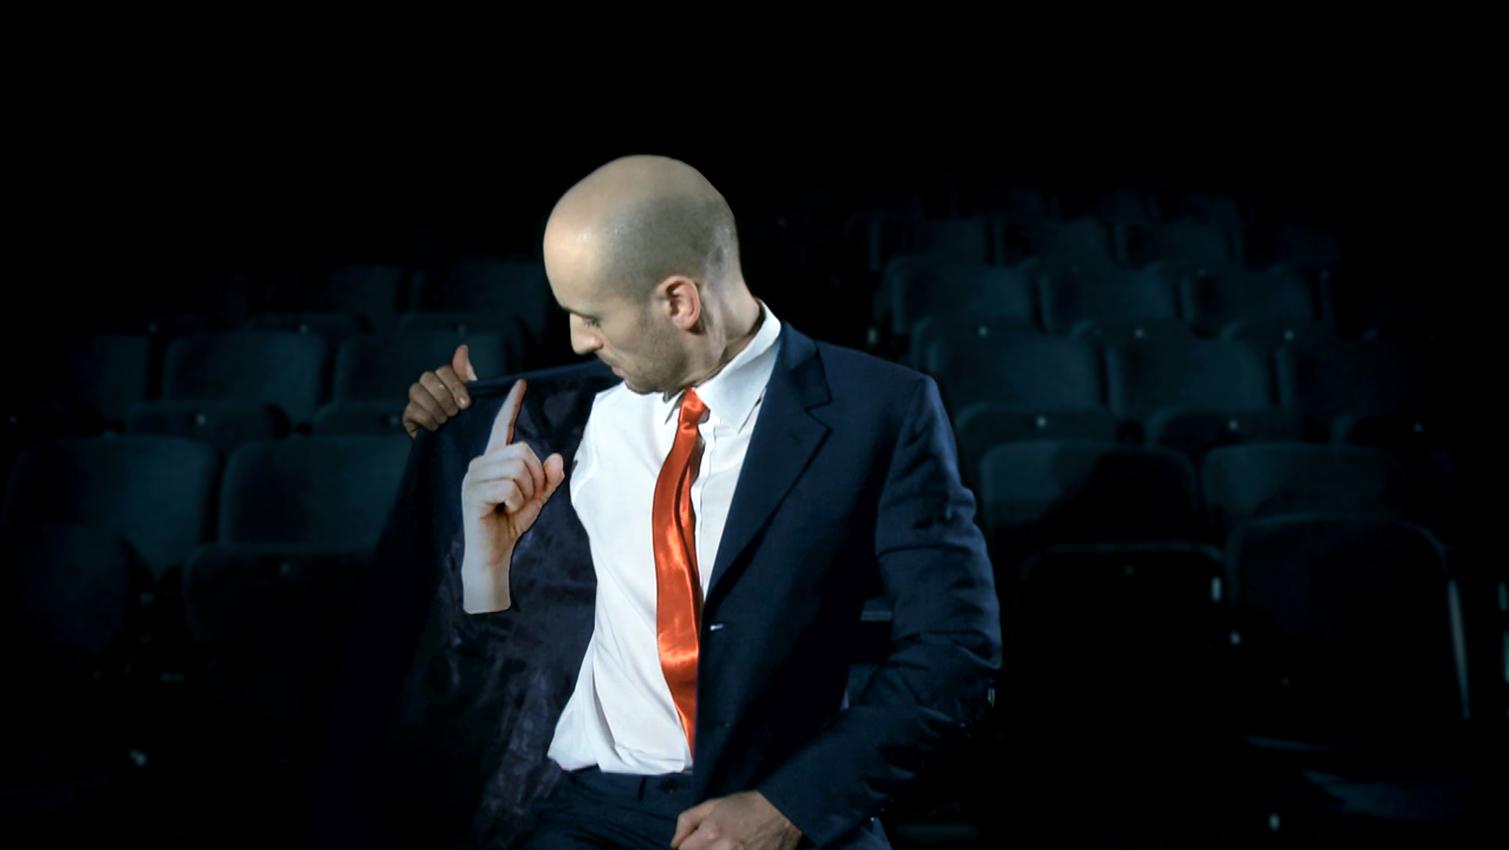 Mikhail Karikis, Xenon: the film (video still), 2012